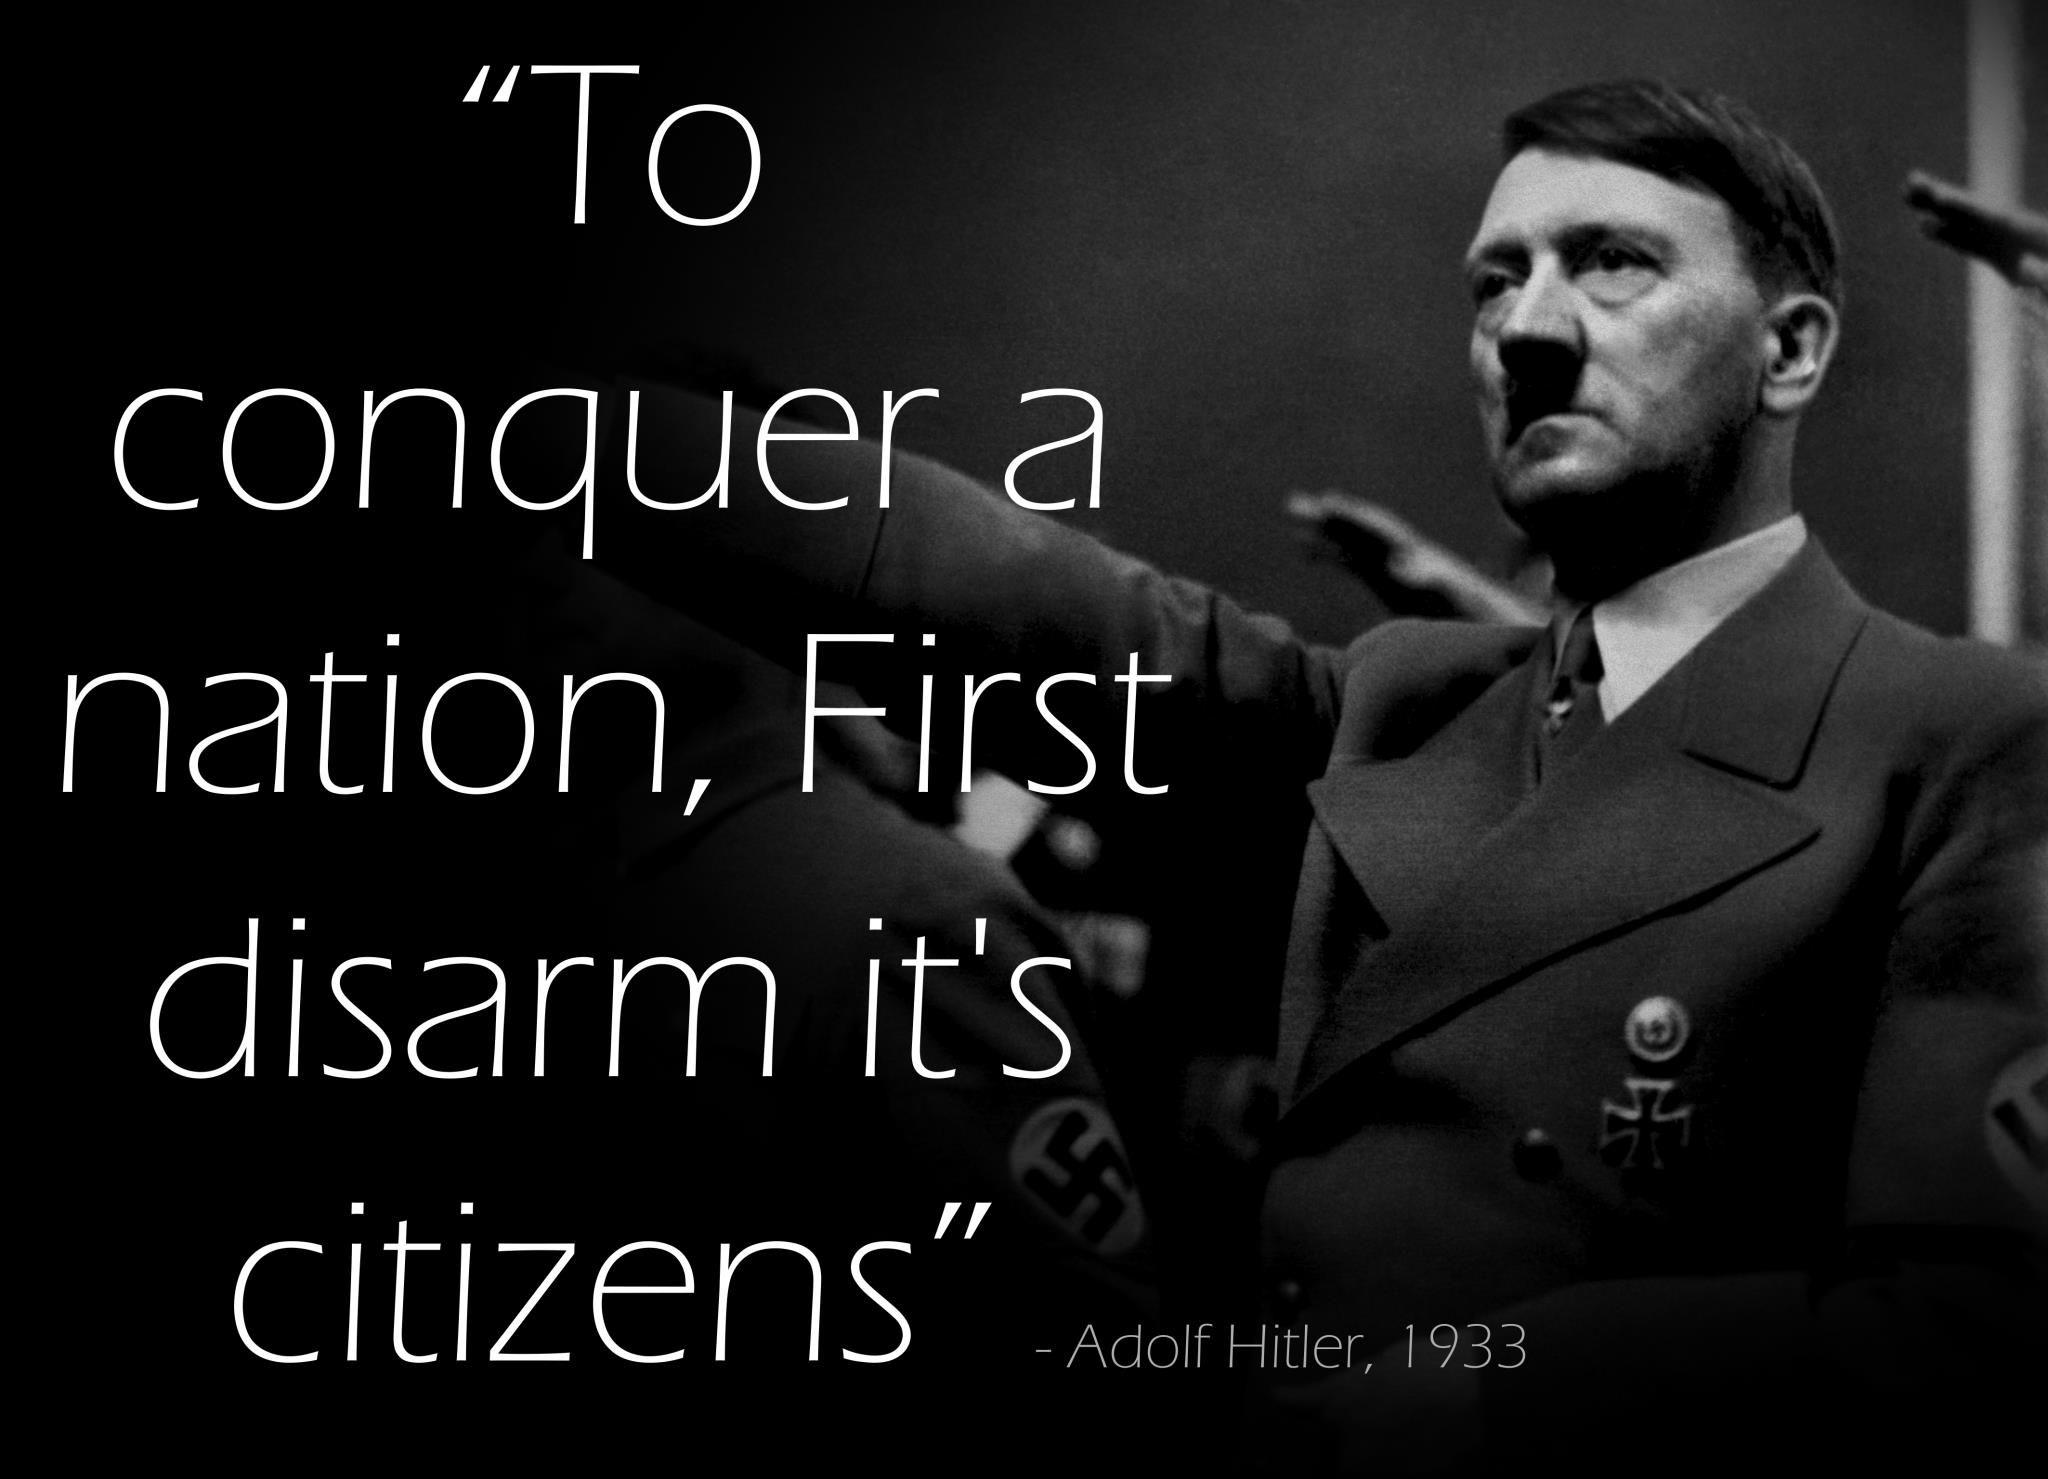 Gun Control Quotes Httpwafflesatnoontoconqueranationfirstdisarmits